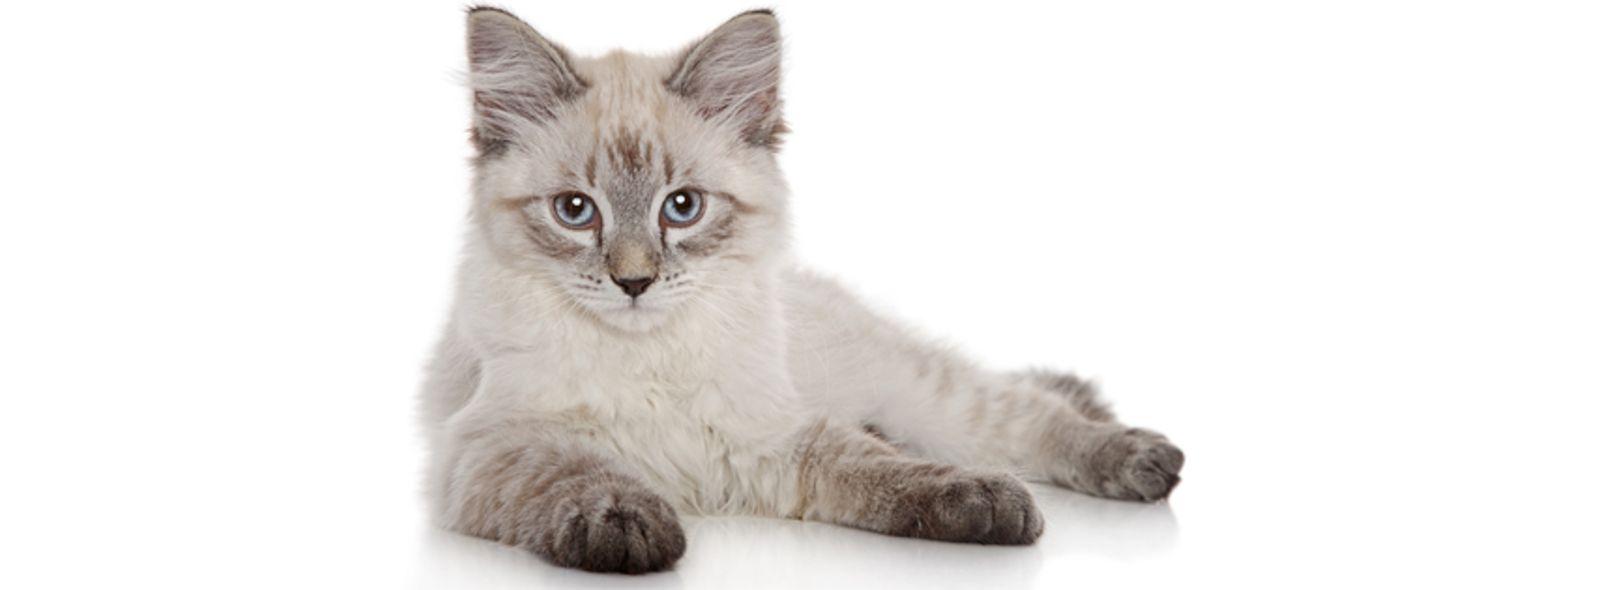 Perché scegliere un gatto siberiano?